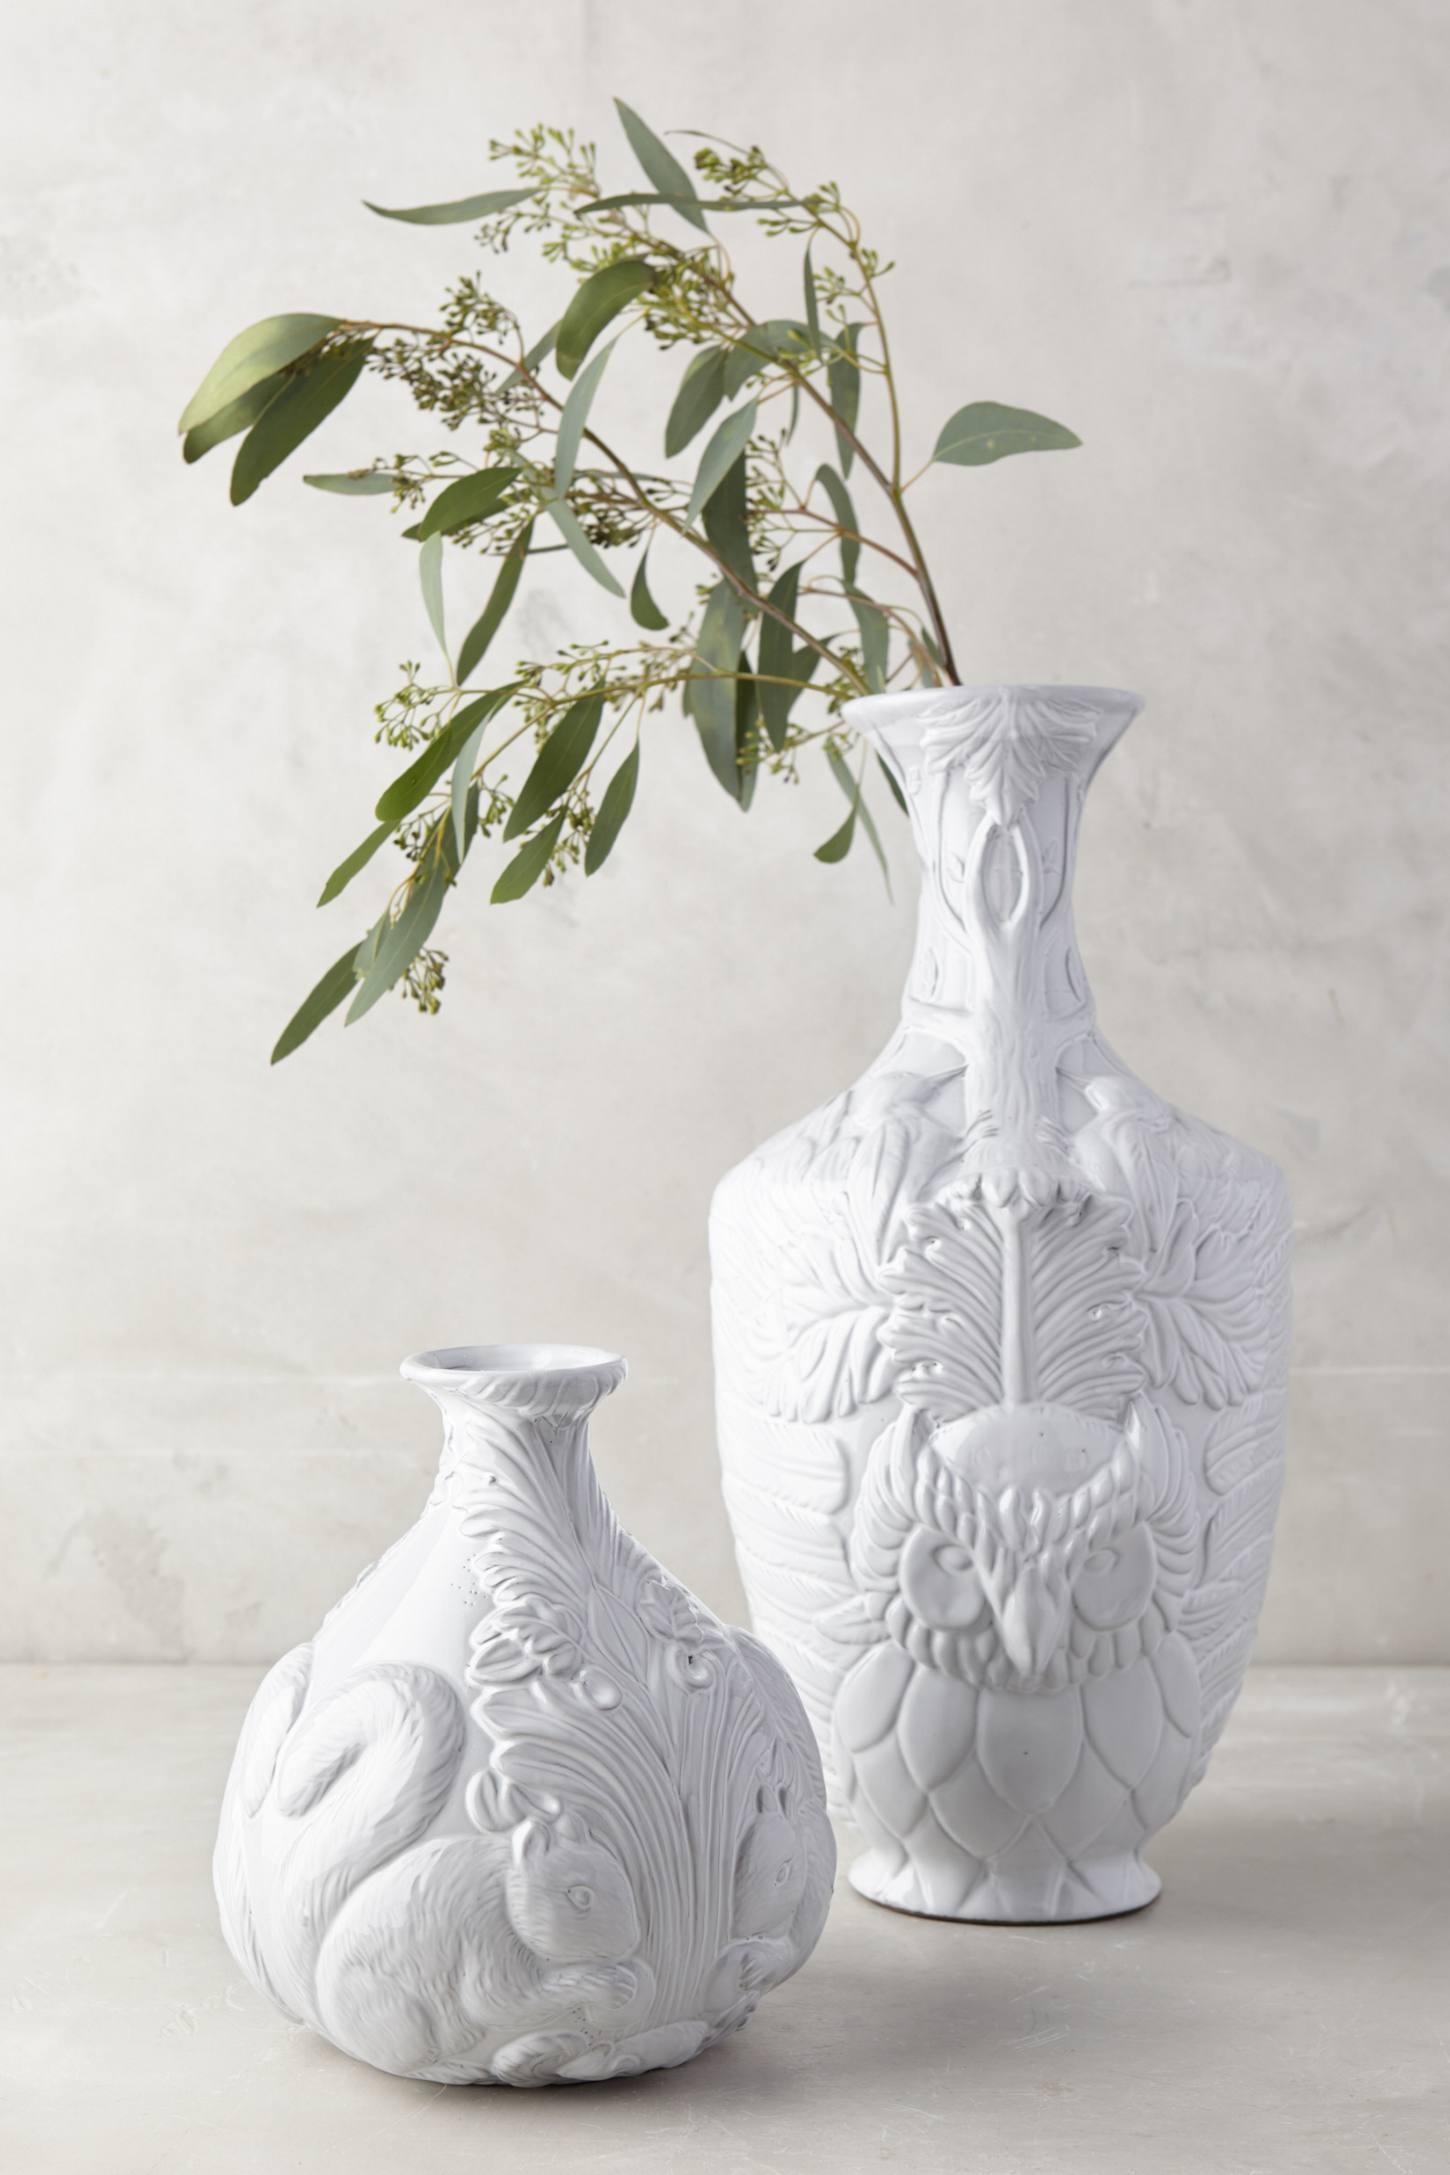 Sylvan Thicket Vase